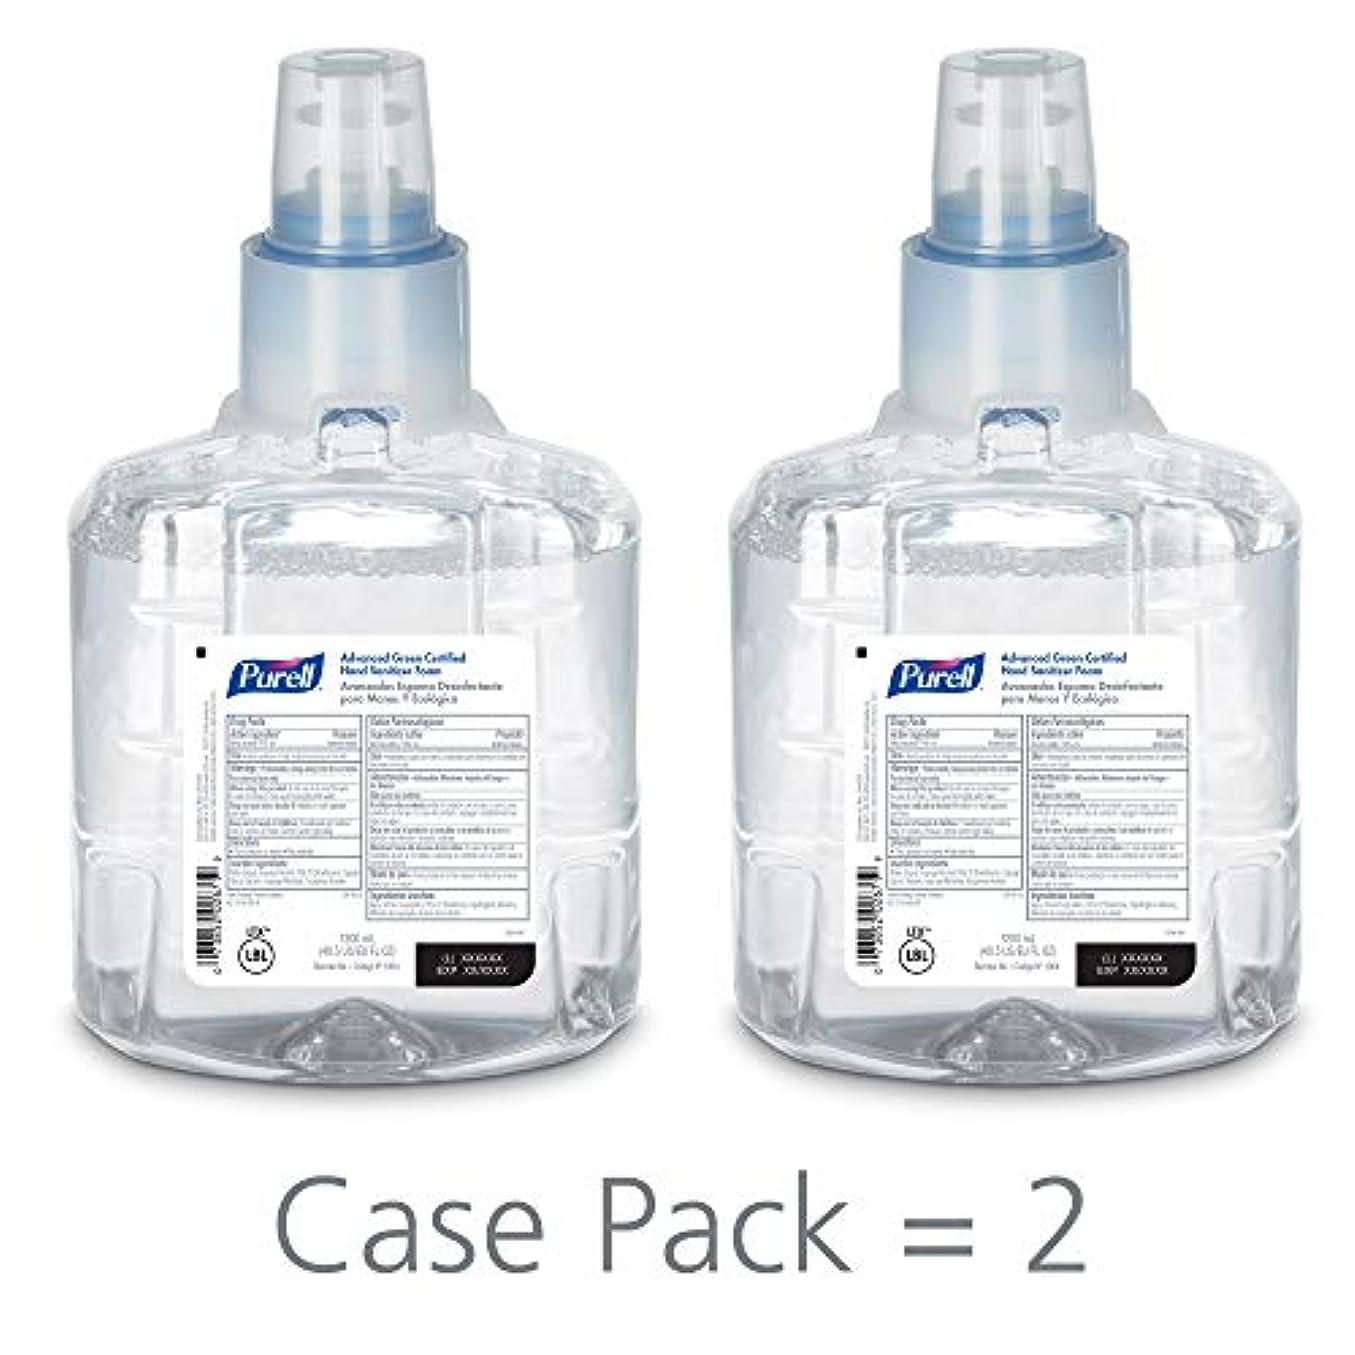 ハンマー絞るボルトPURELL 1904-02 1200 mL Advanced Green Certified Instant Hand Sanitizer Foam, LTX-12 Refill (Pack of 2) by Purell